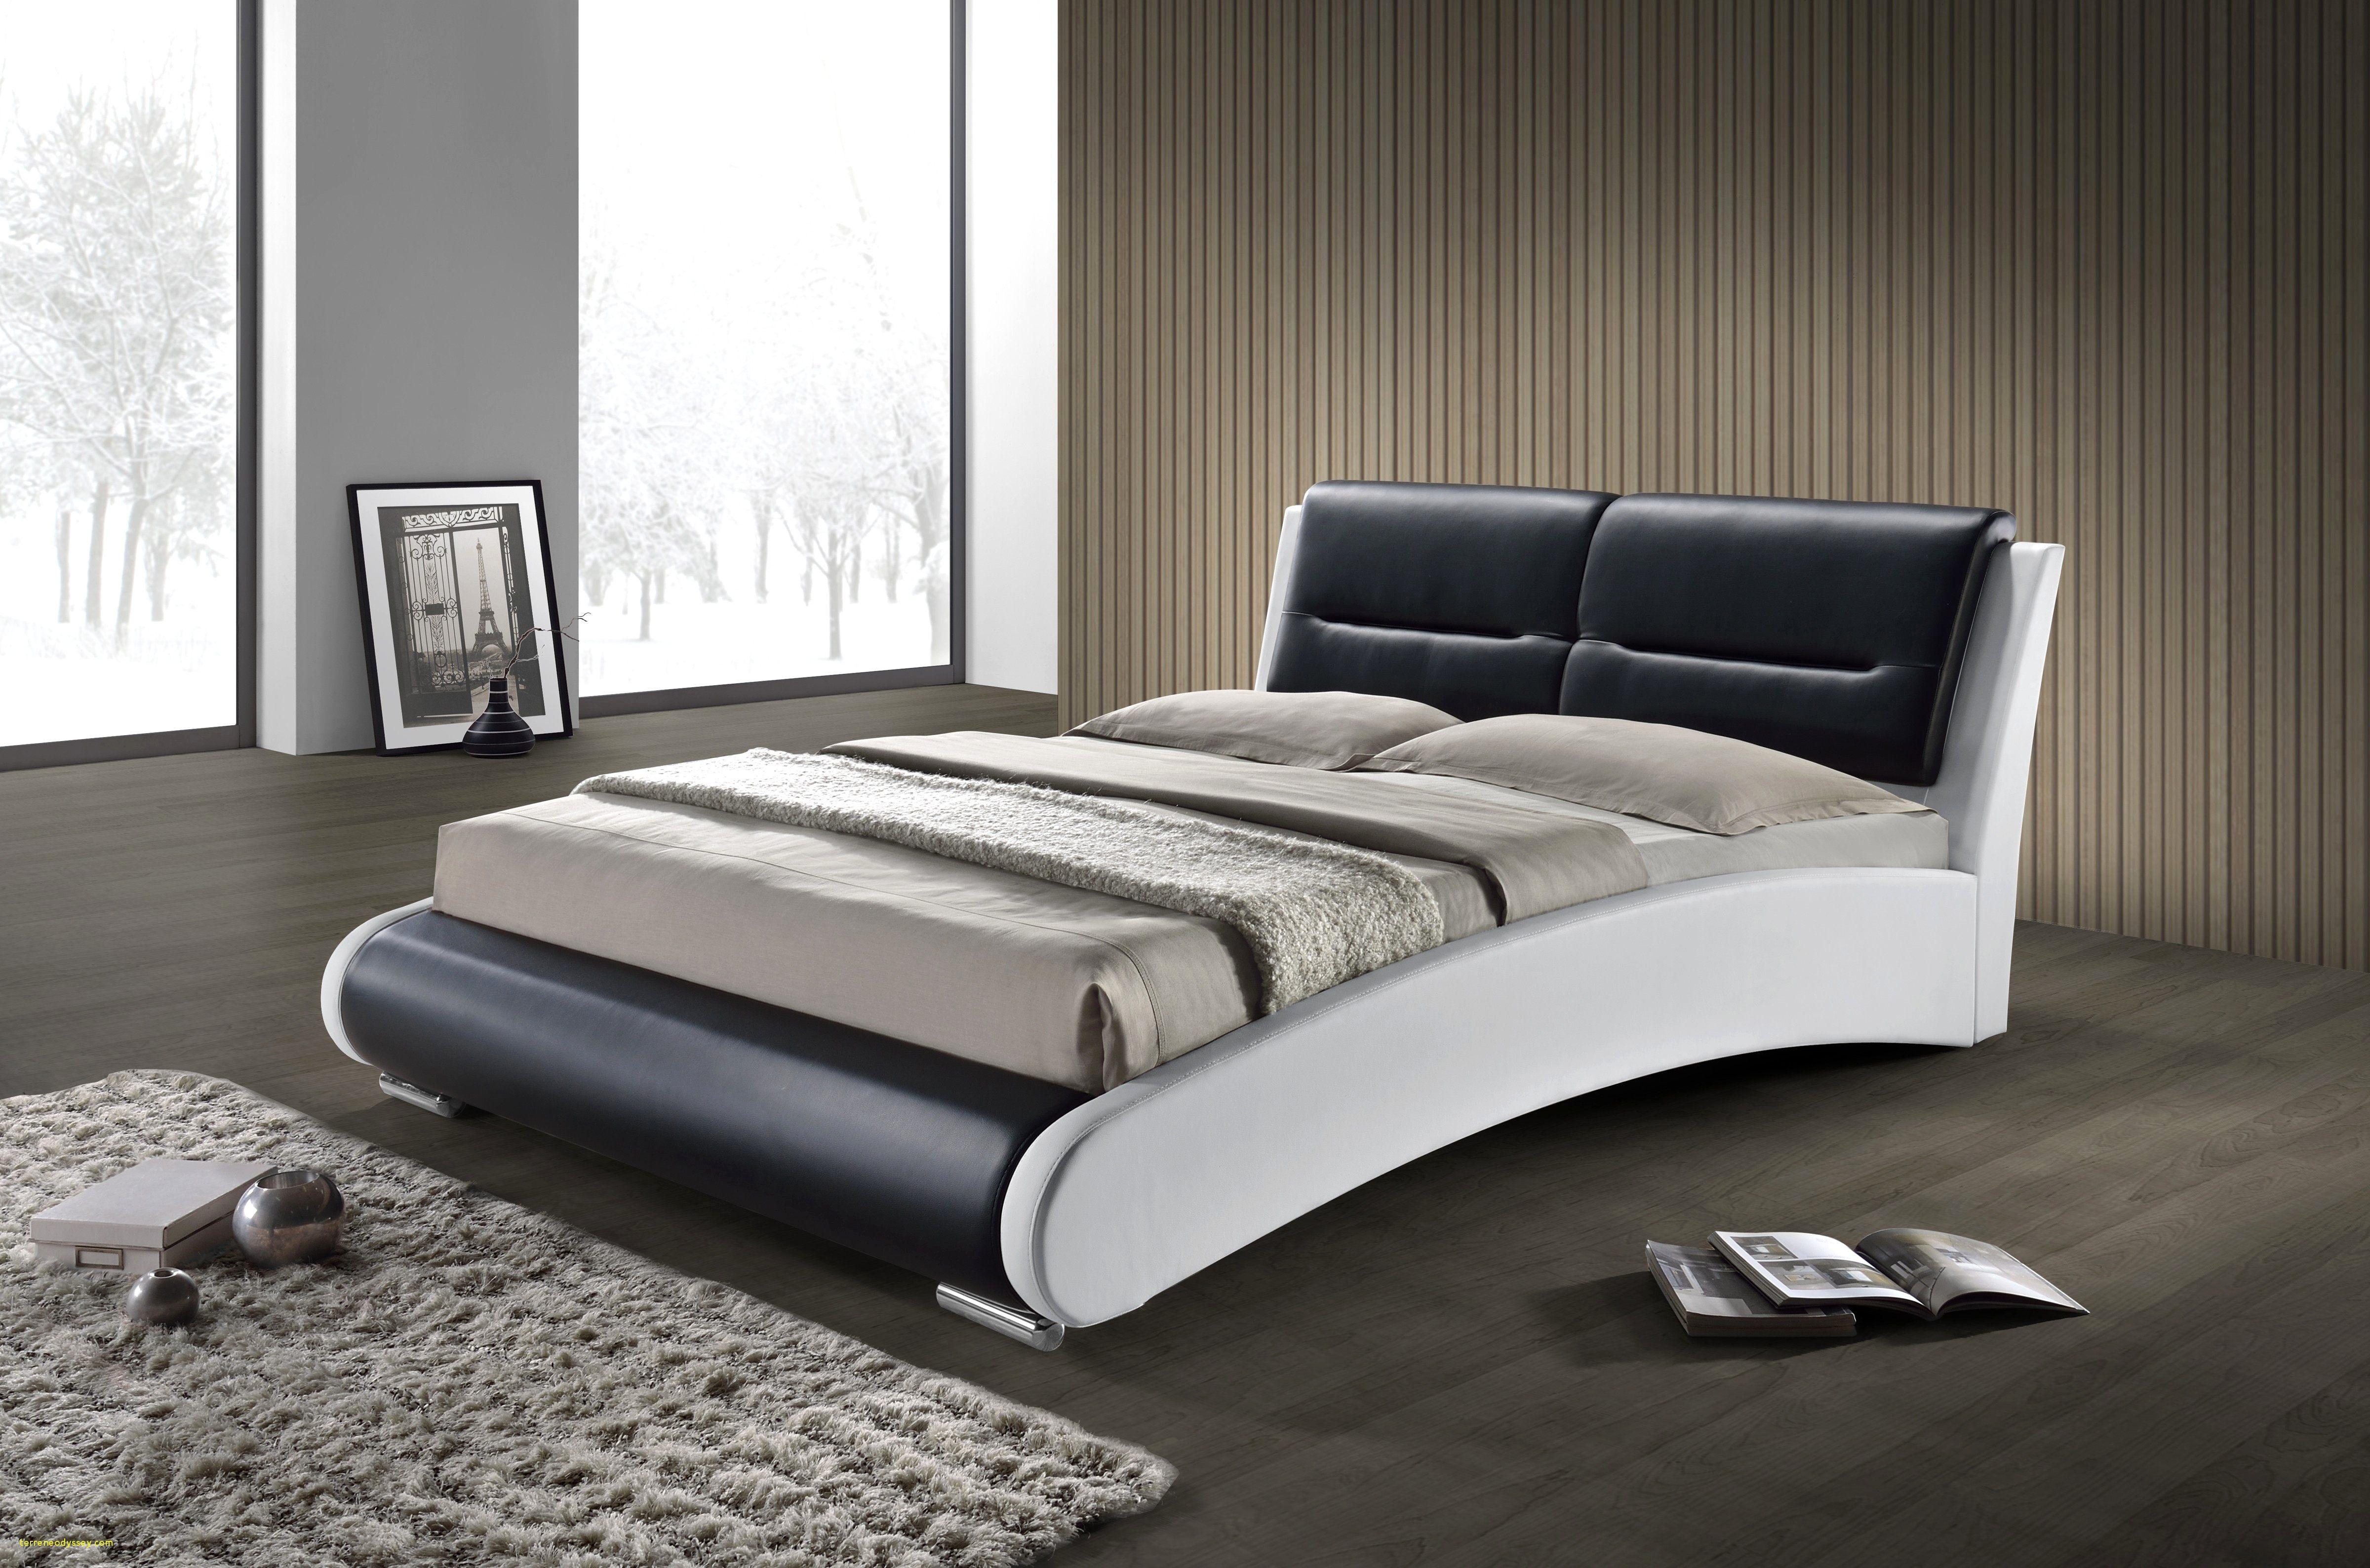 Lits Superposés Alinea Magnifique Frais Canapé Avec Biblioth¨que Intégrée – Intérieure Design Maison